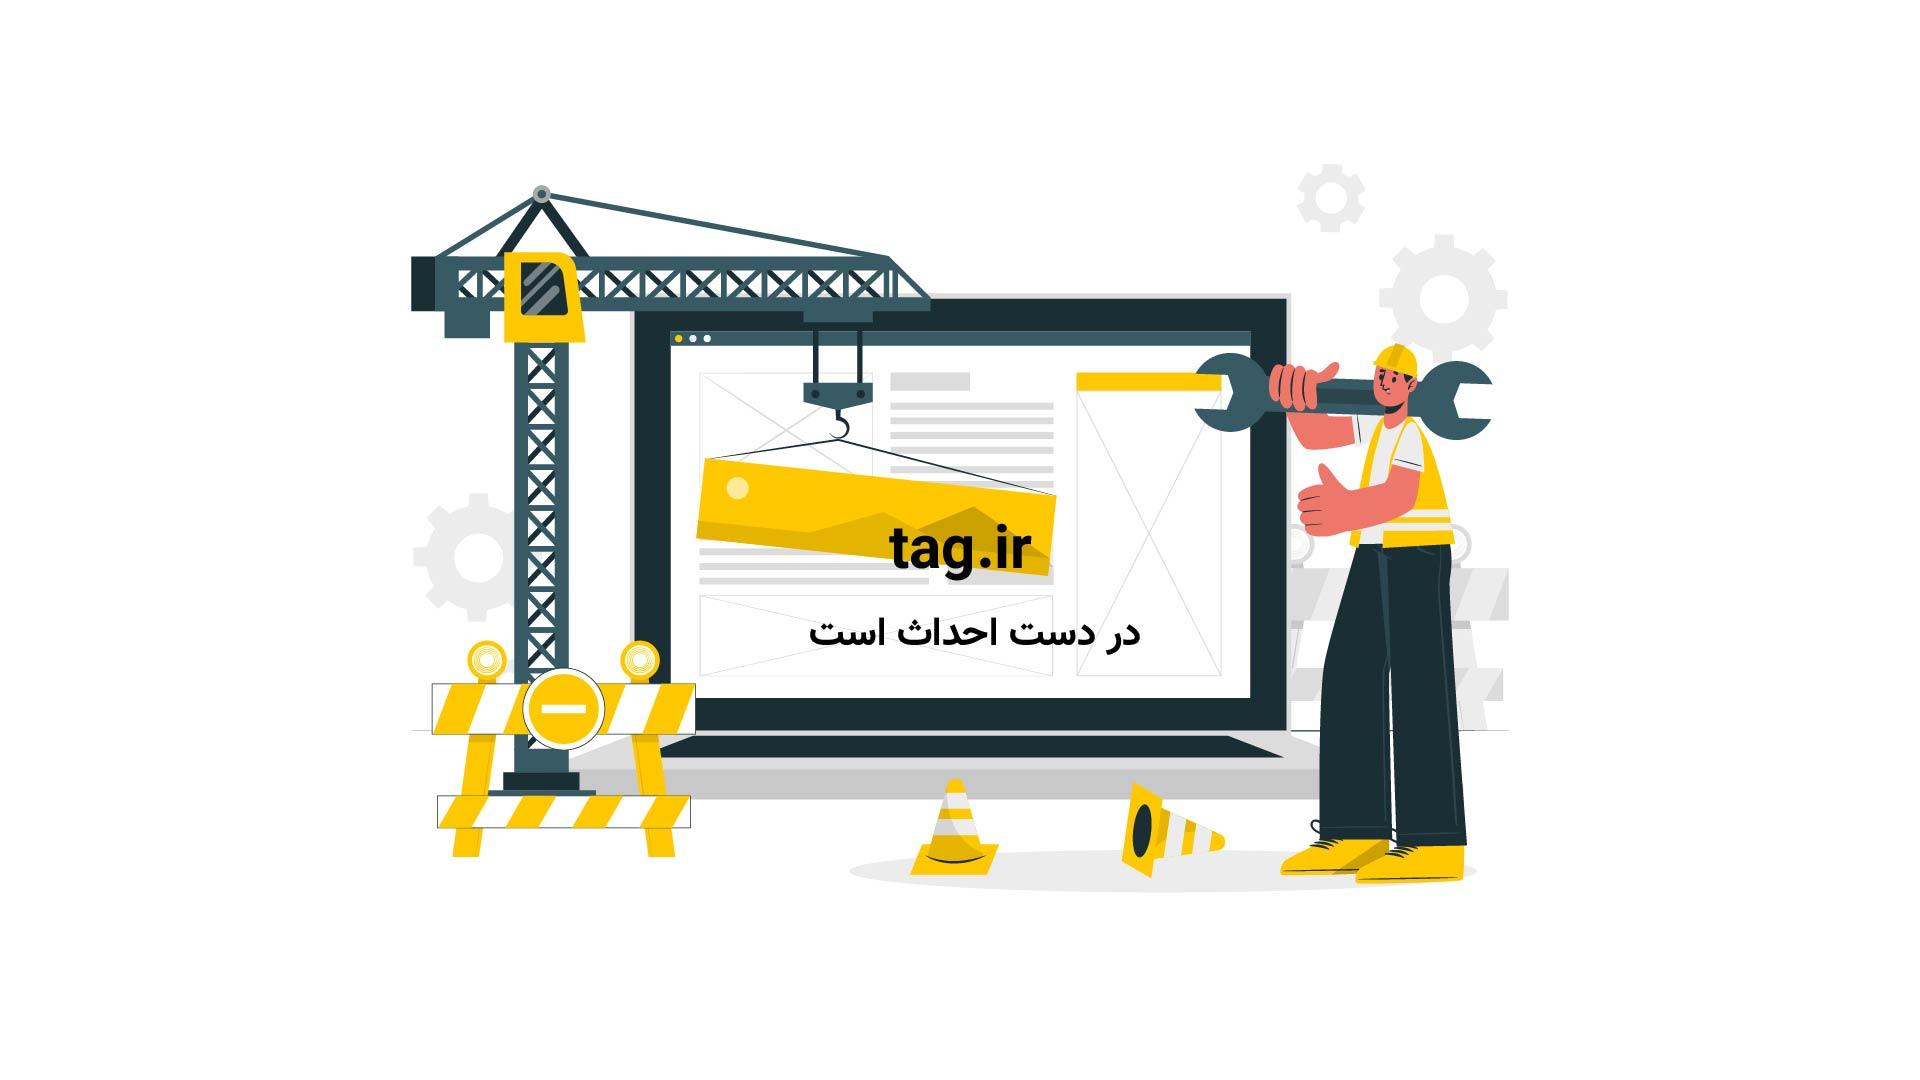 مخالفان اردوغان | تگ